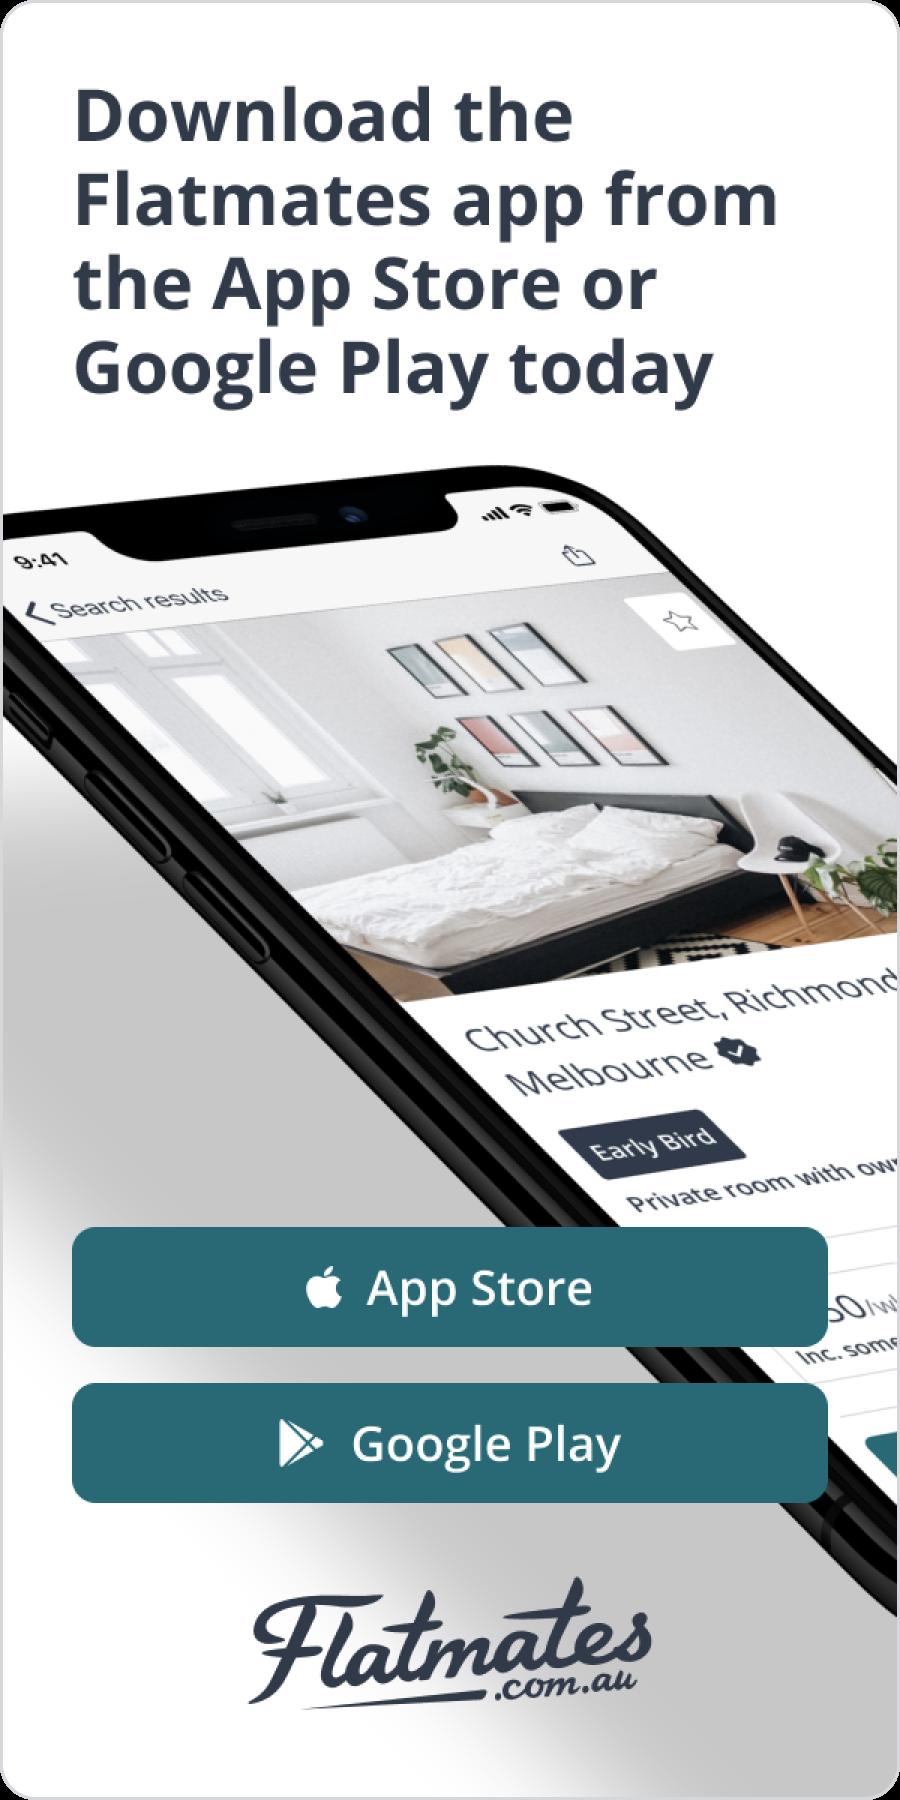 flatmates app advertisement